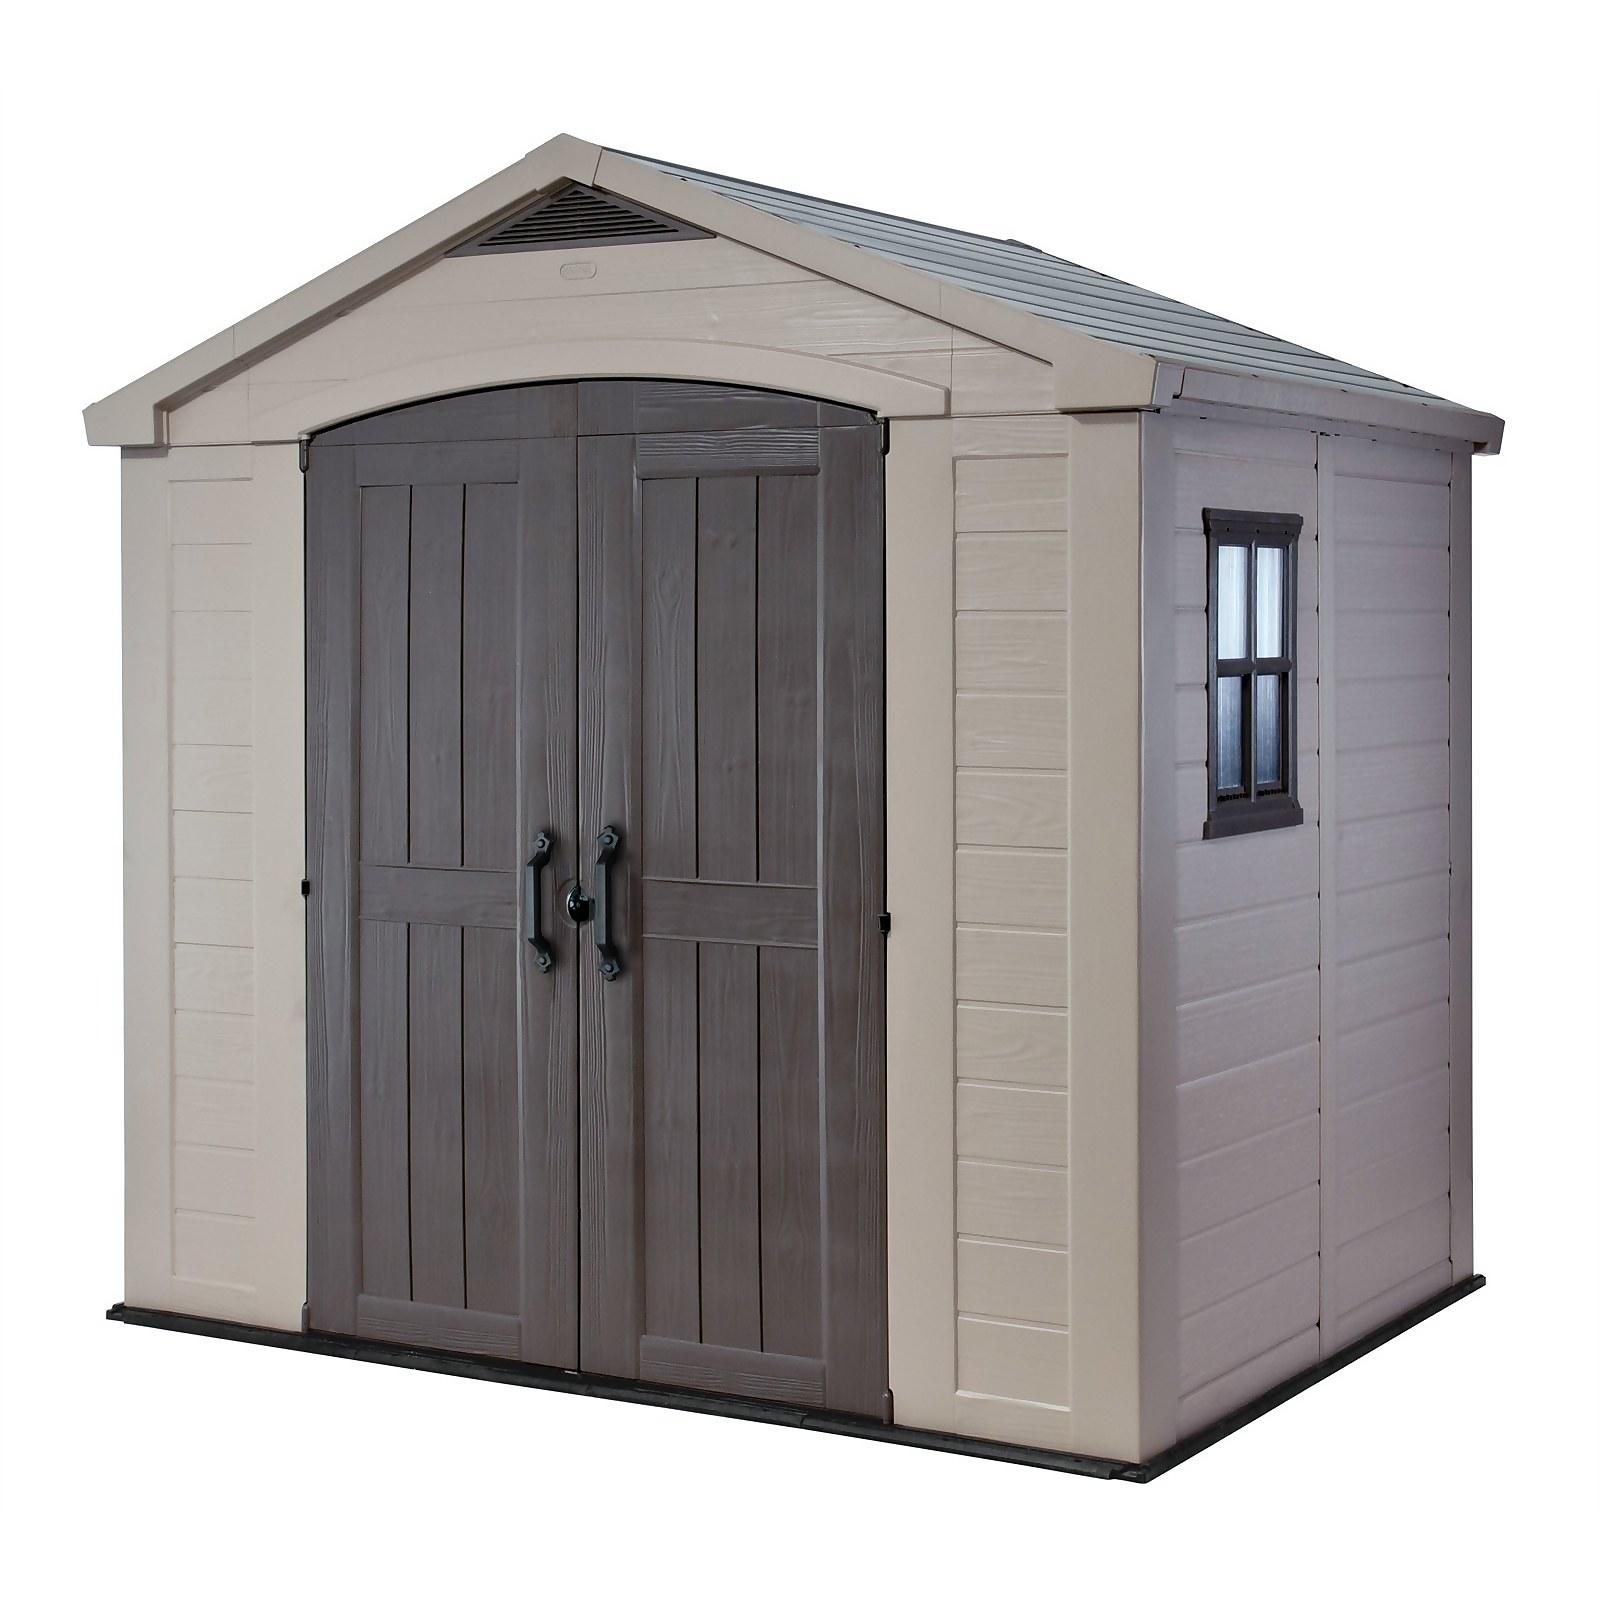 Keter Factor 8x6ft Outdoor Plastic Garden Storage Shed - Beige/Brown